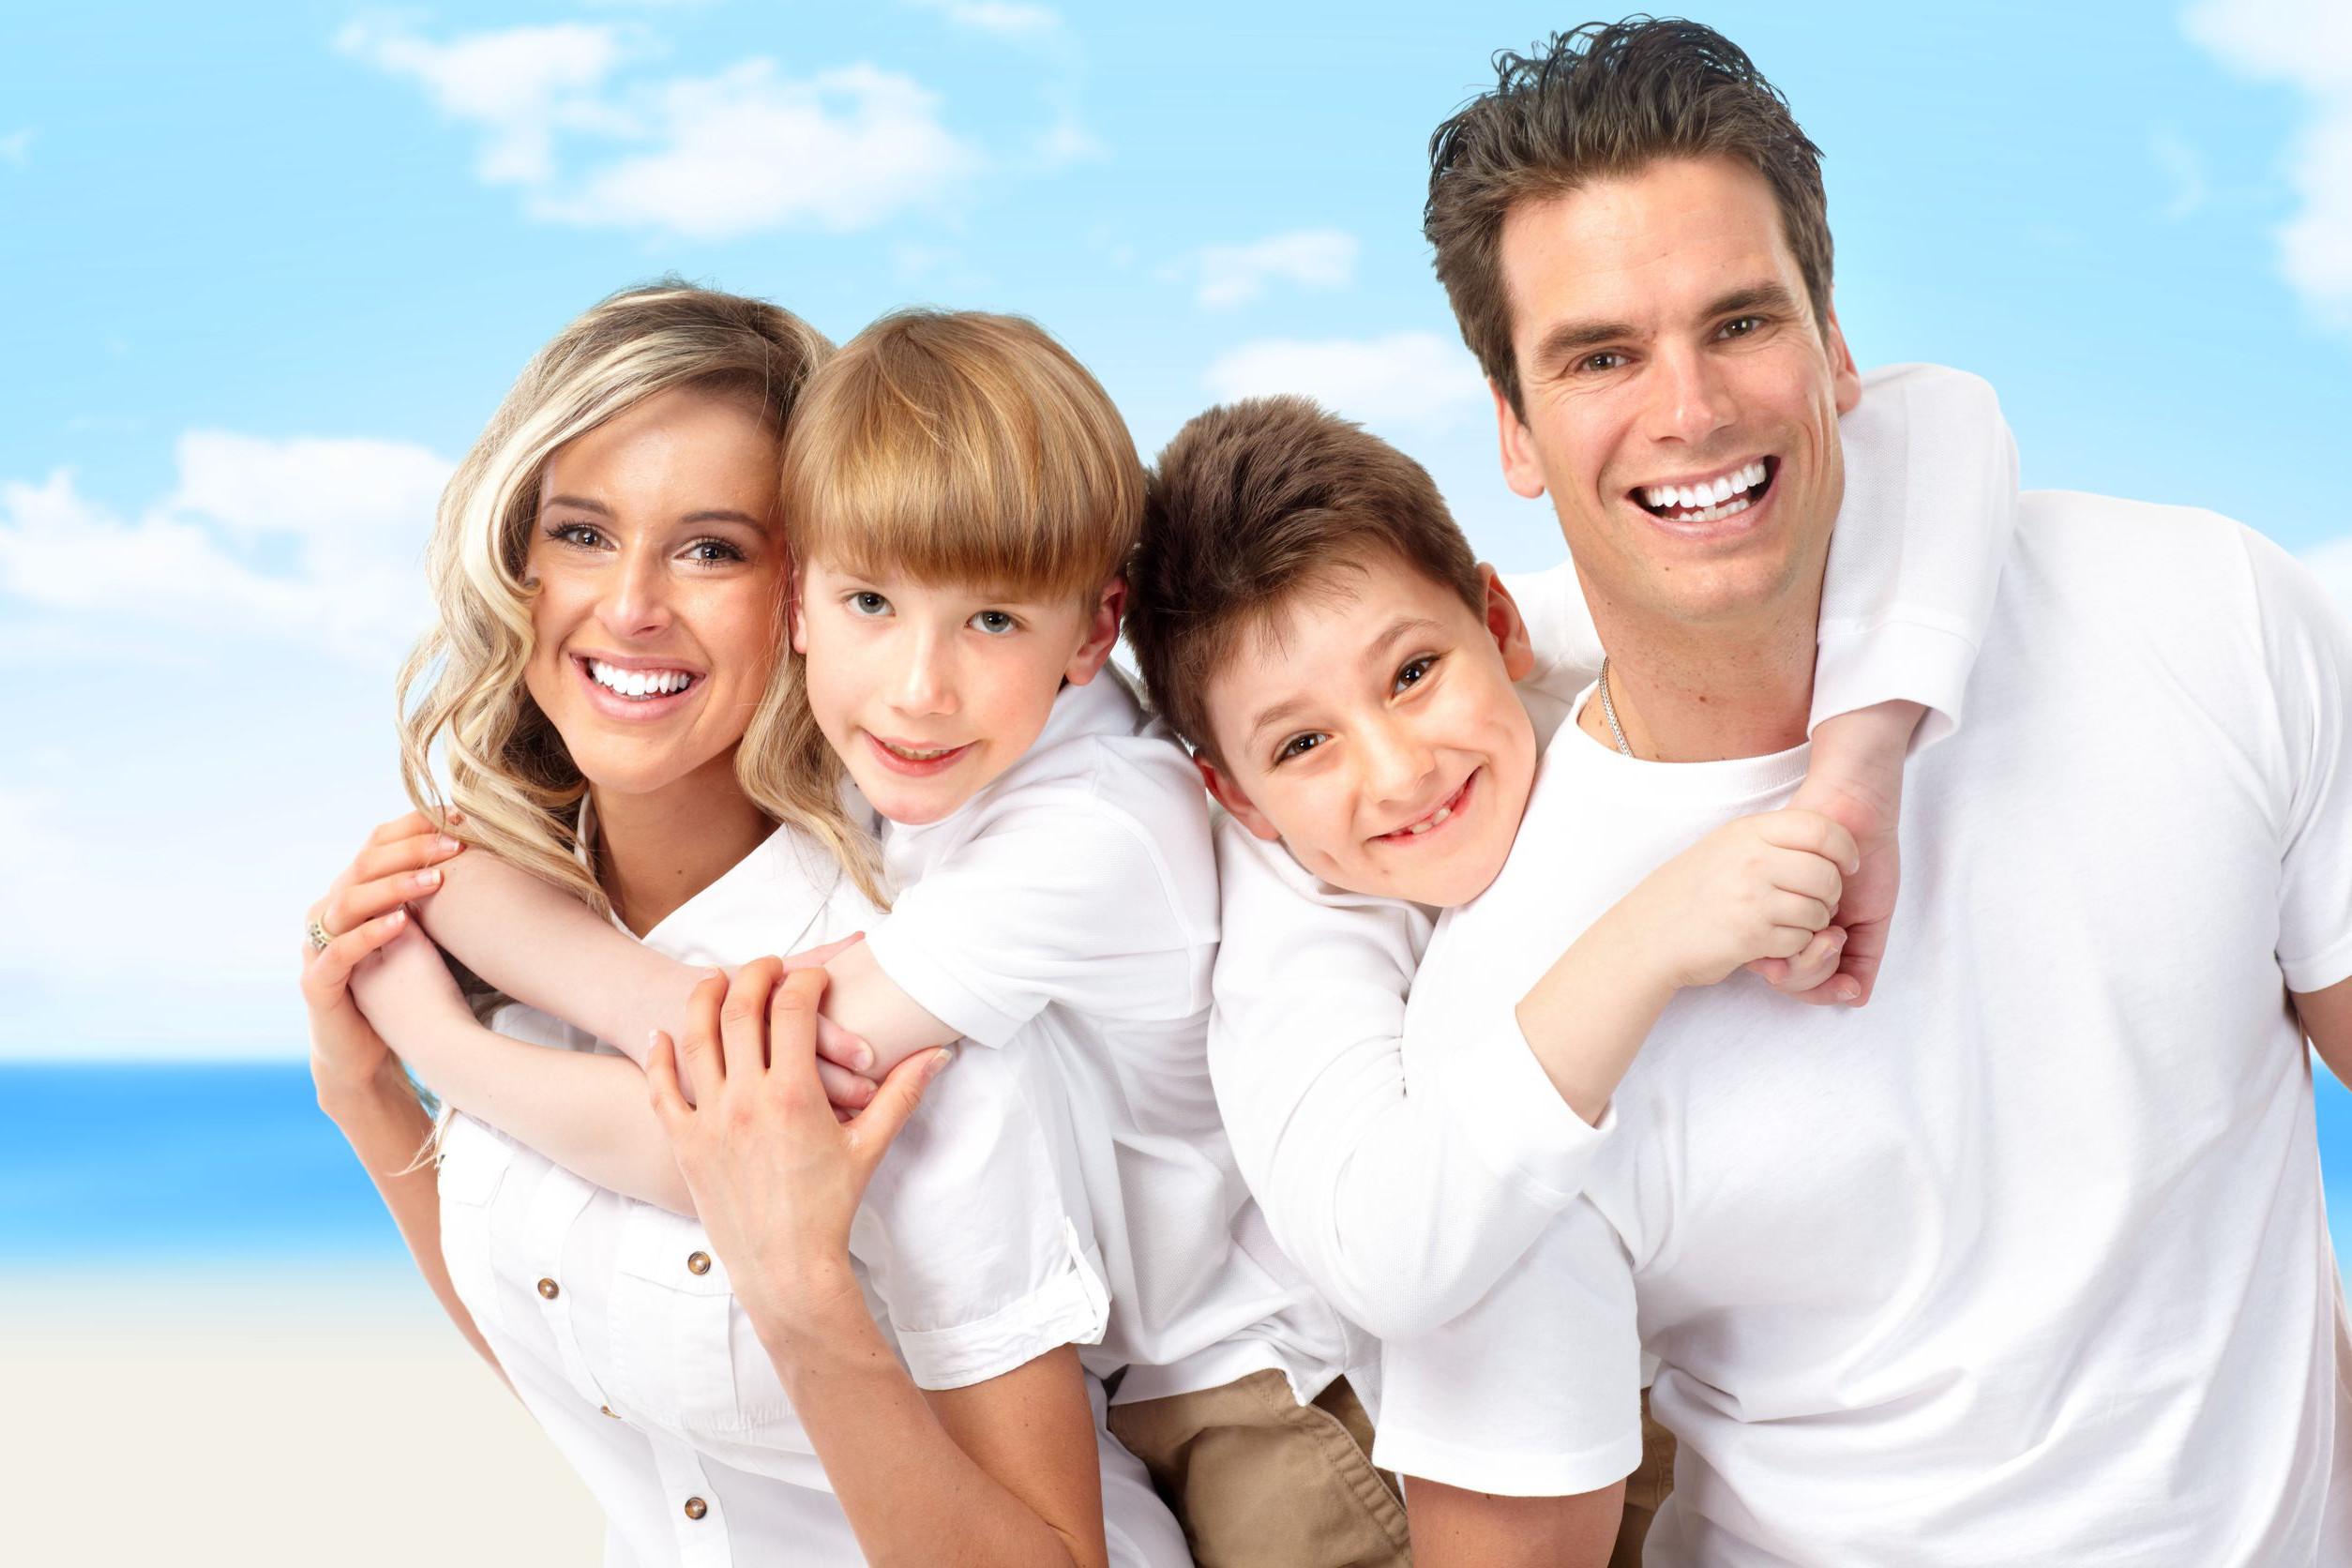 عرض برنامج عائلي 4 افراد 2800 $